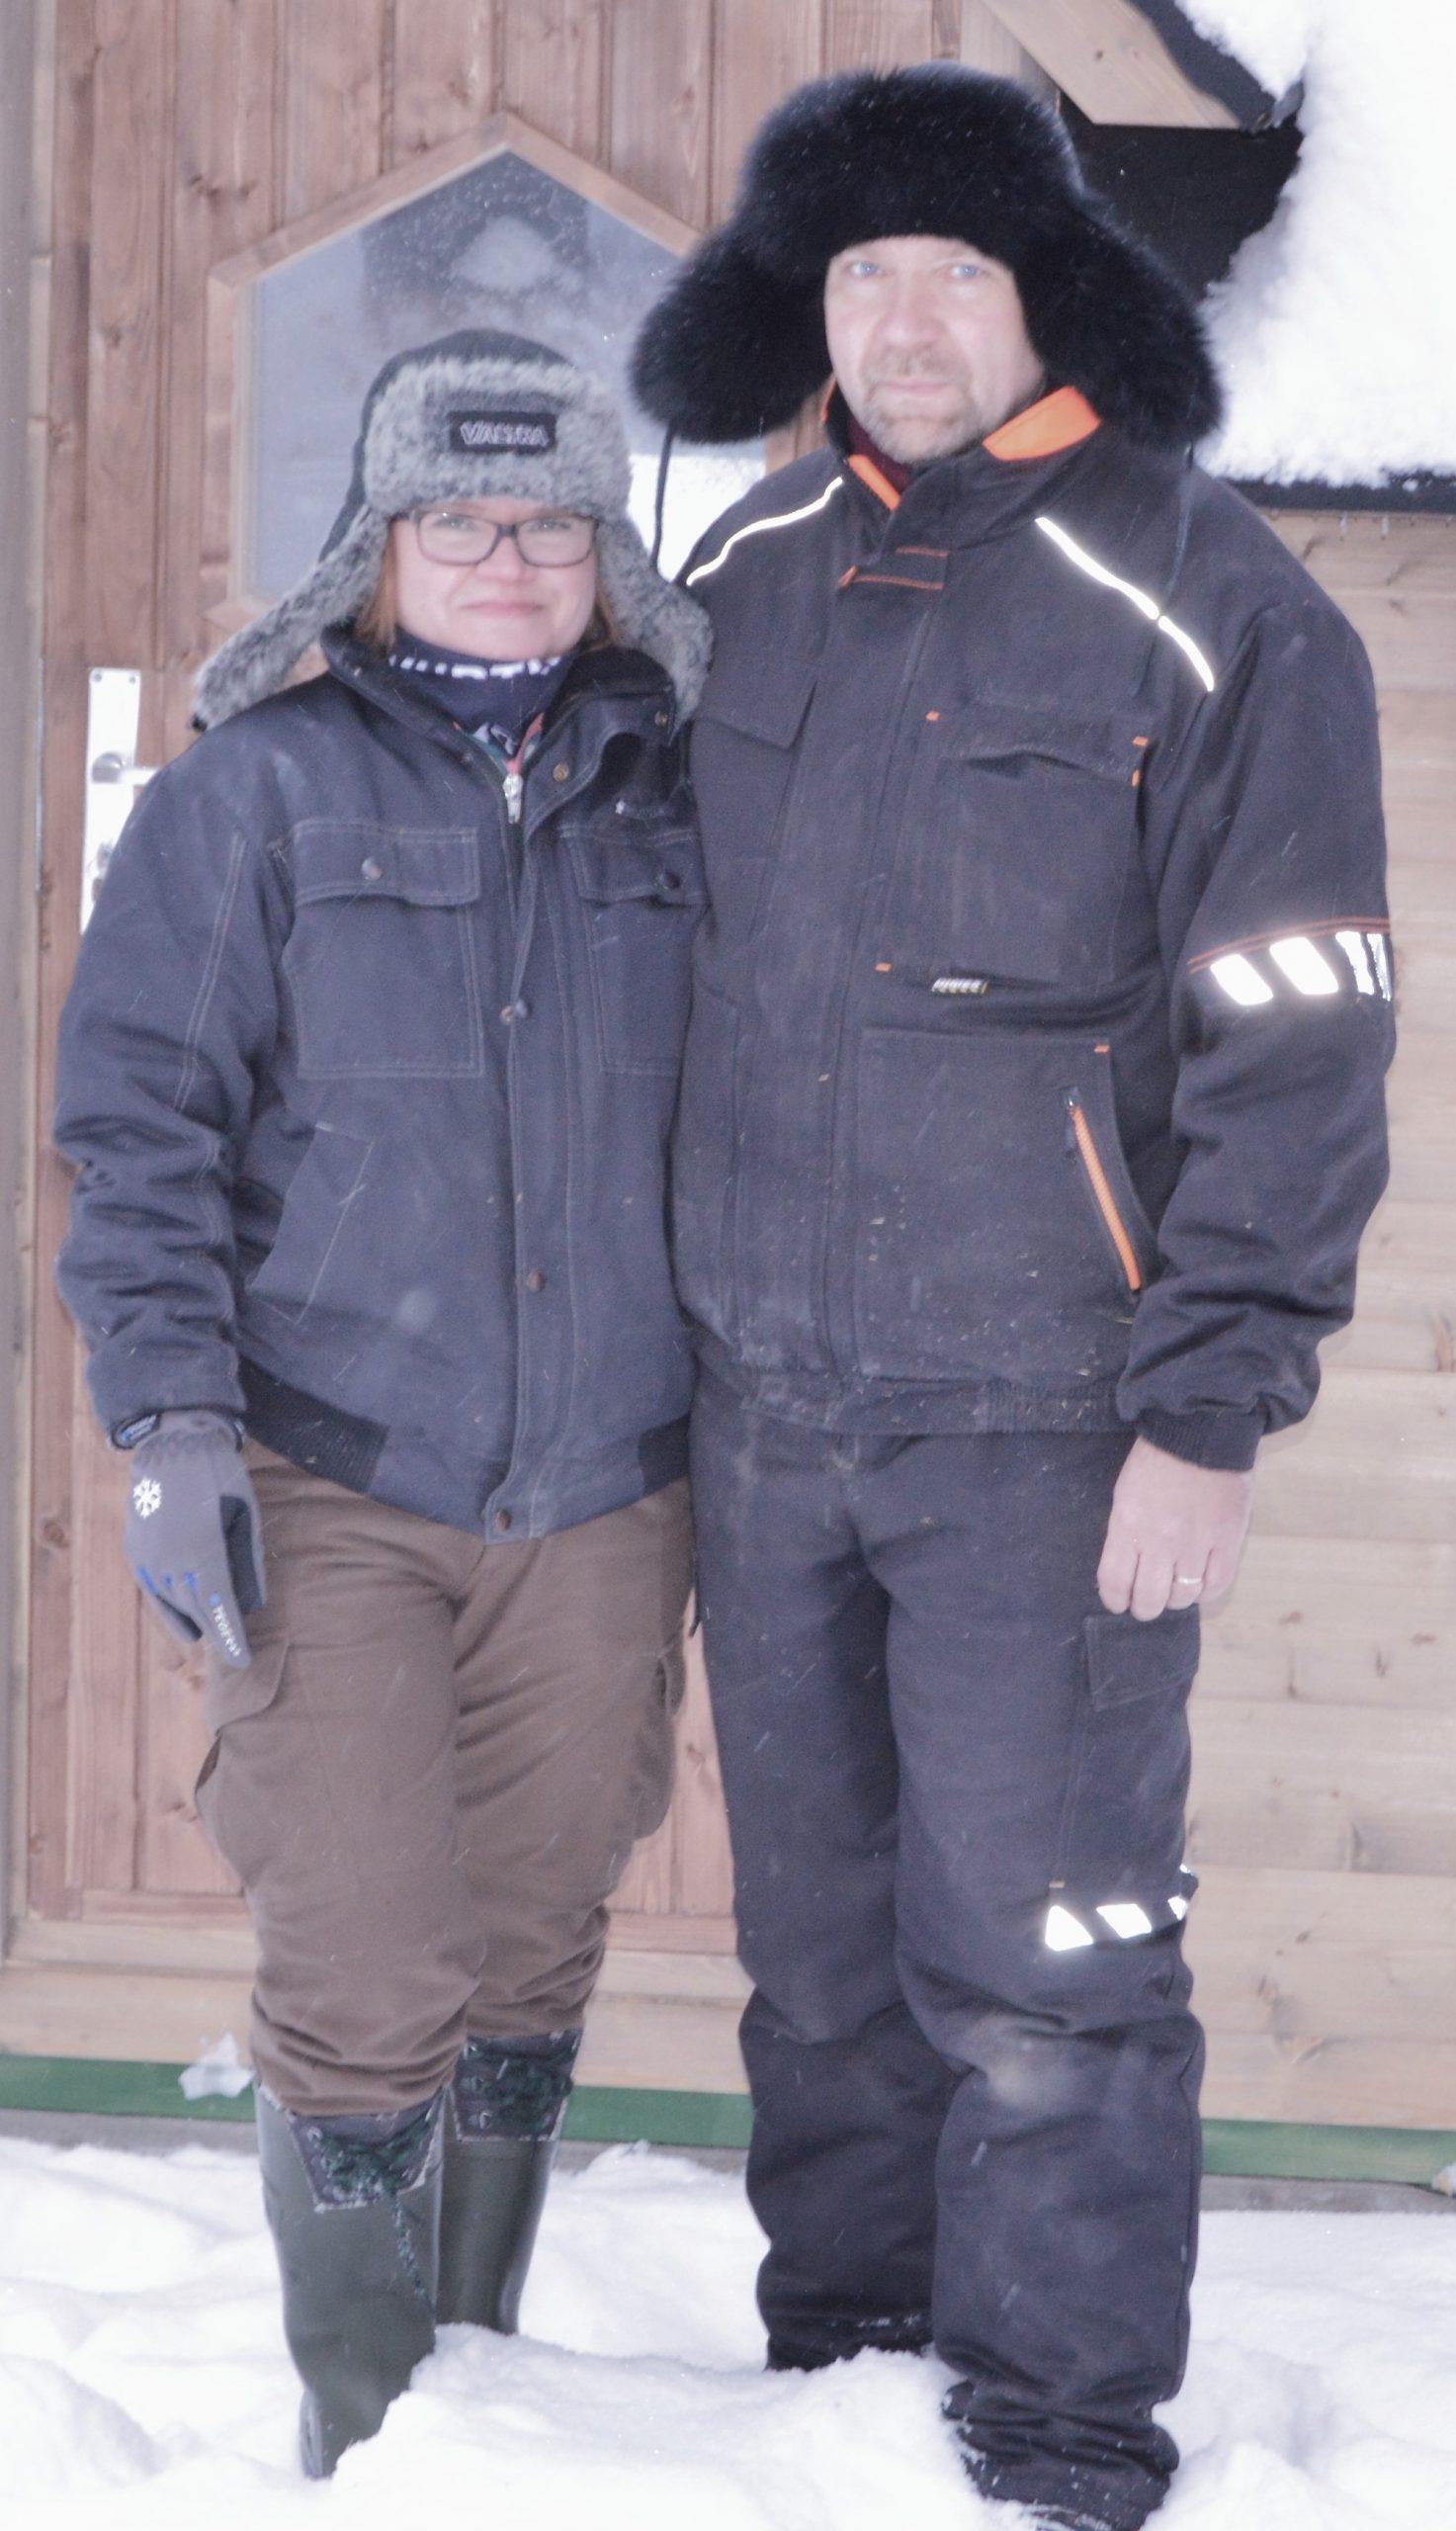 Katja and Jukka Alajärvi - Reindeer Farm Porohaka